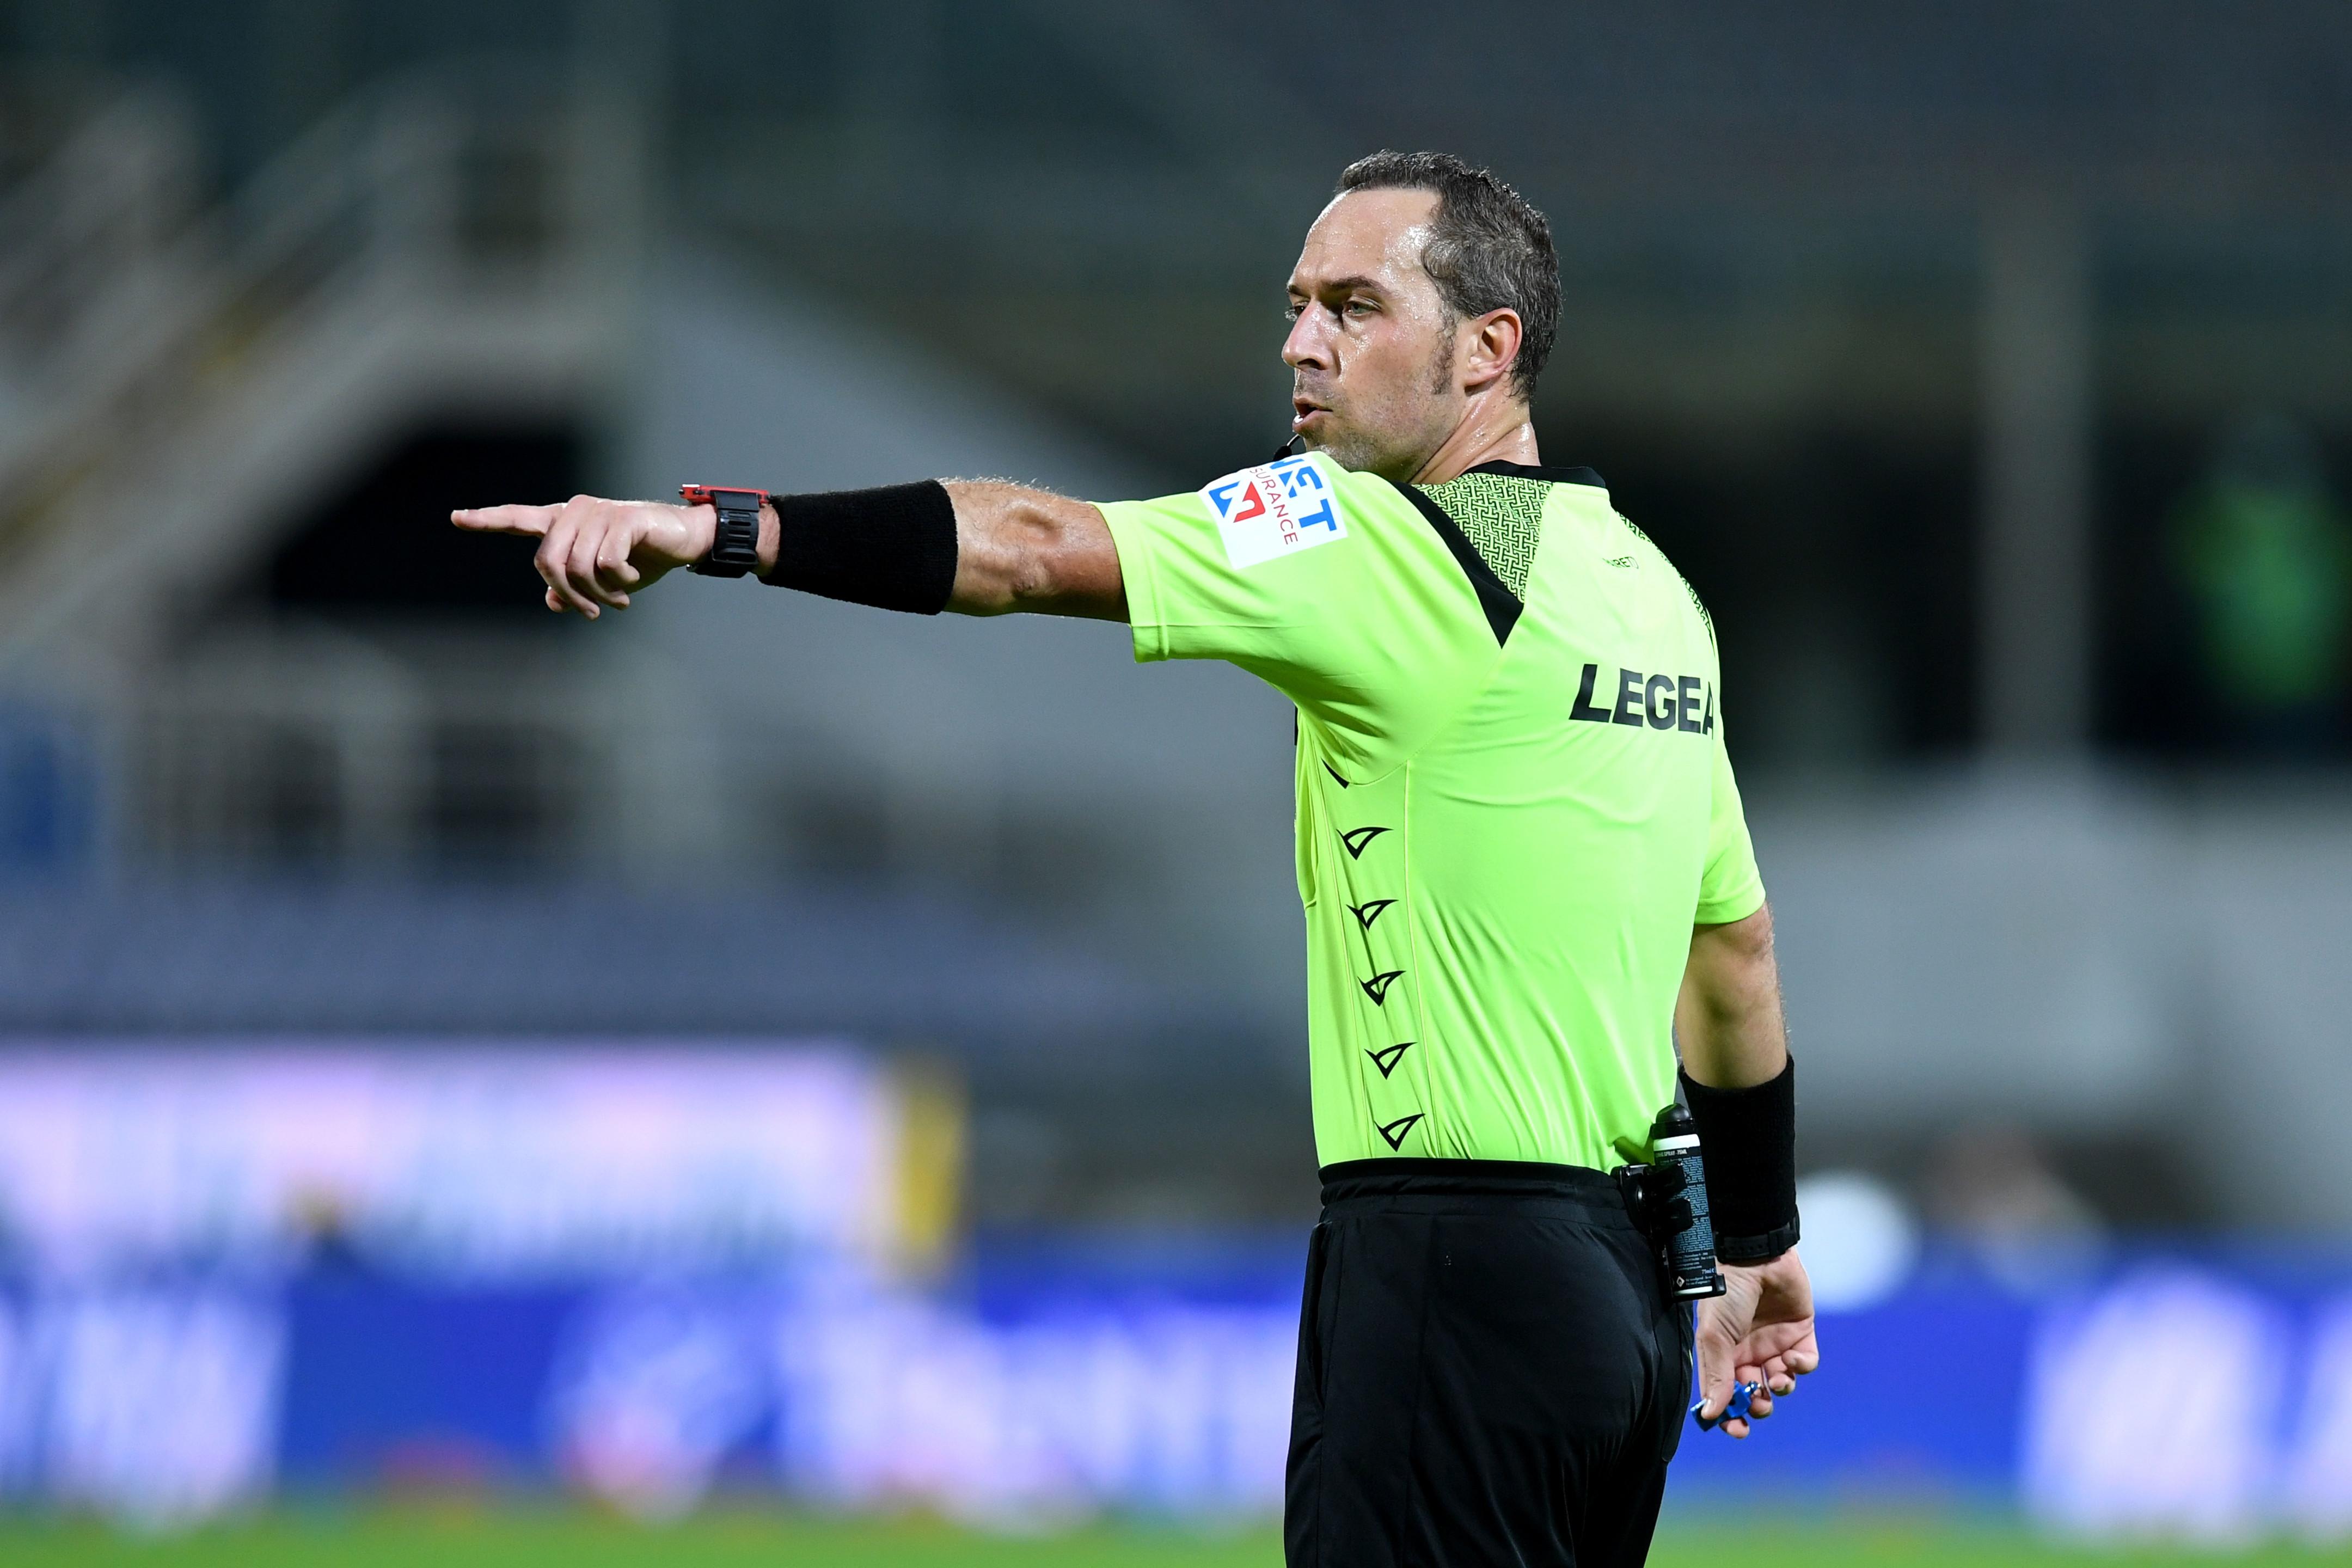 Serie A, arbitri: Inter-Genoa a Pairetto, Atalanta-Milan affidata a La  Penna | News - Sportmediaset